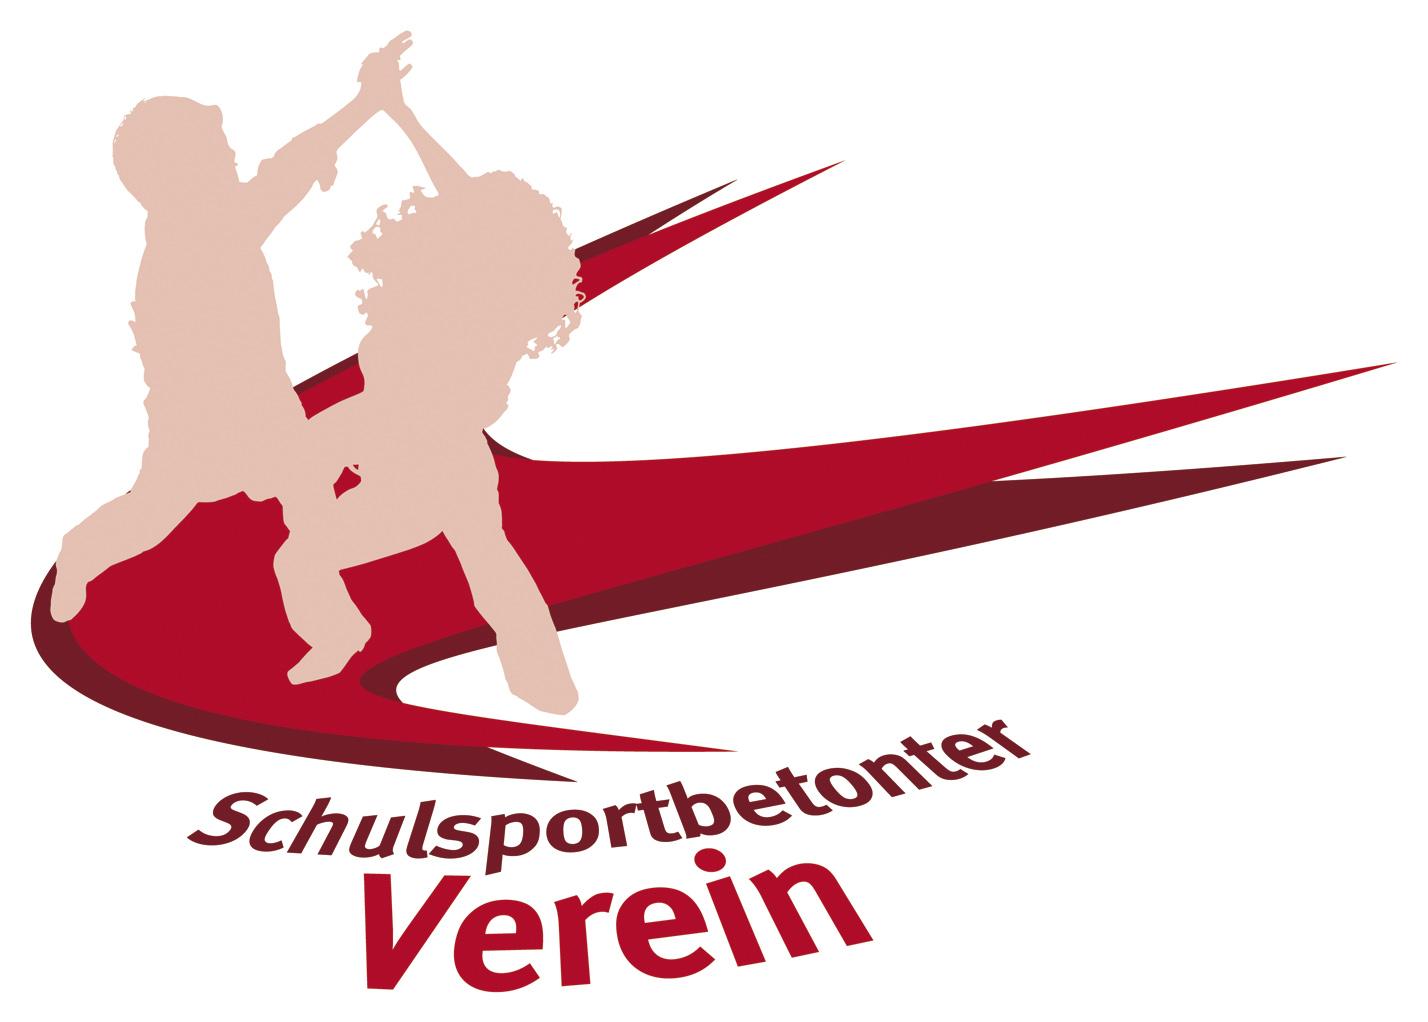 Schulsportbetonter Verein